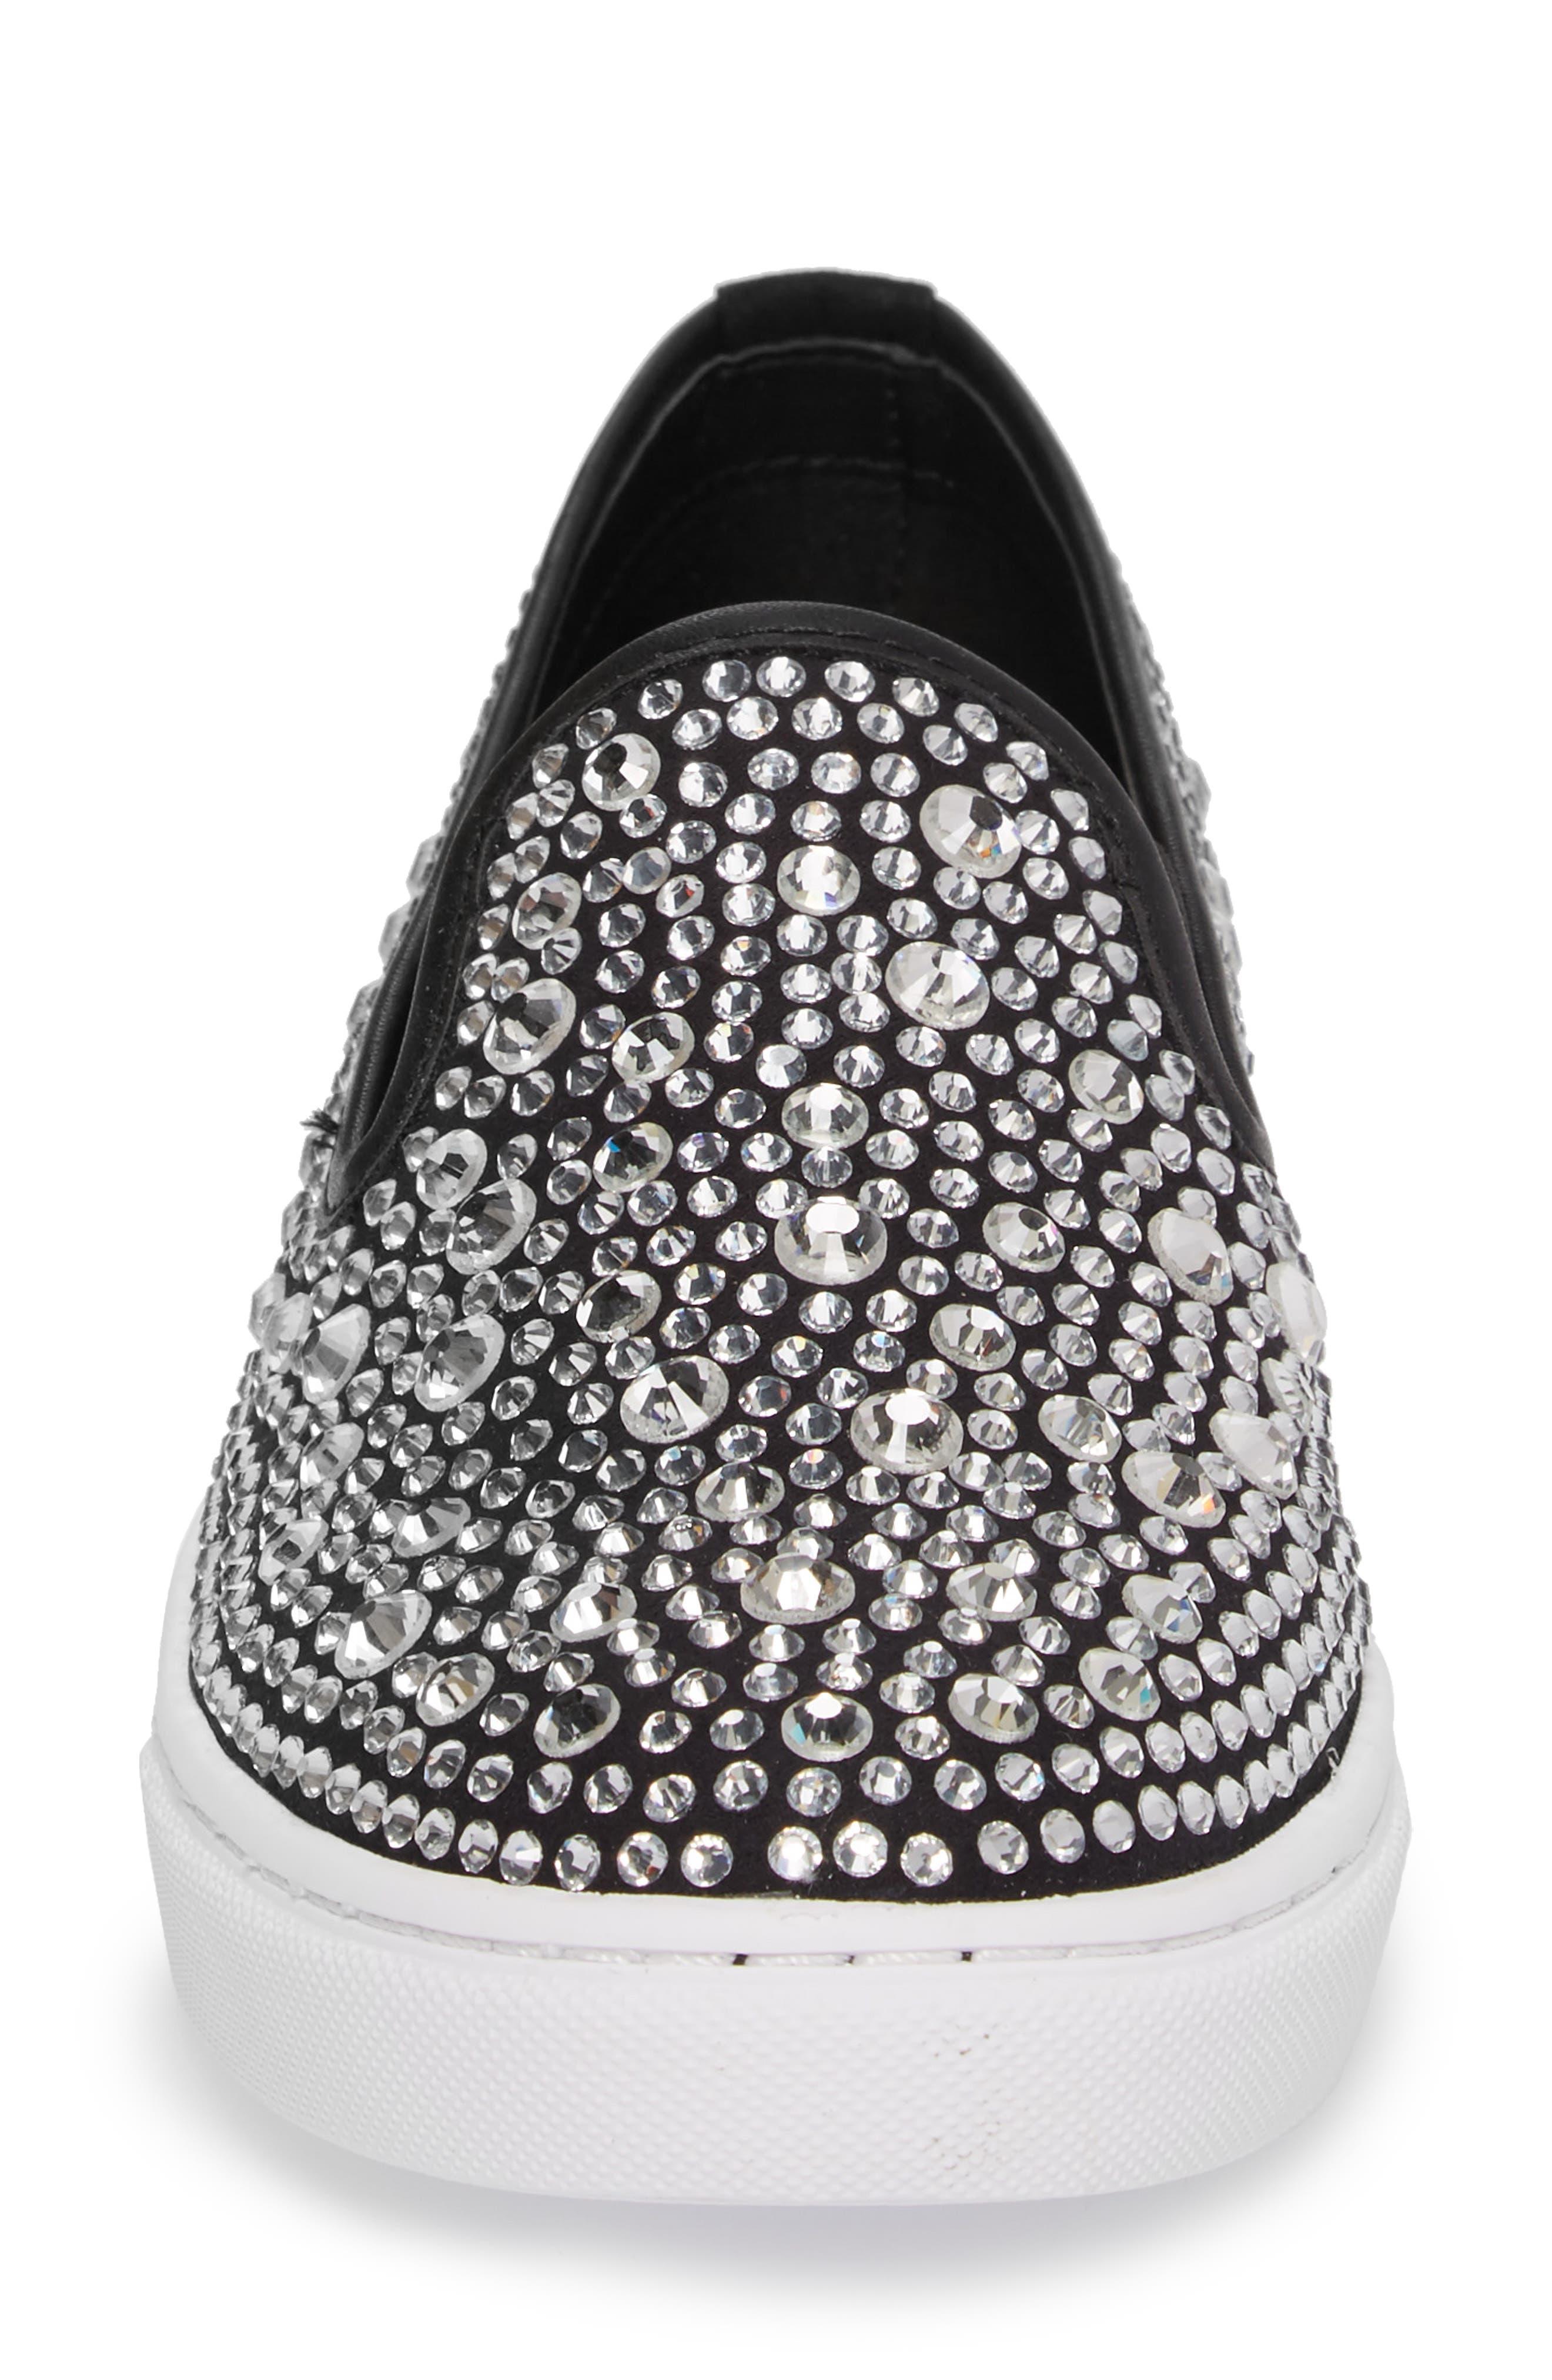 Evada Crystal Embellished Slip-On Sneaker,                             Alternate thumbnail 4, color,                             040